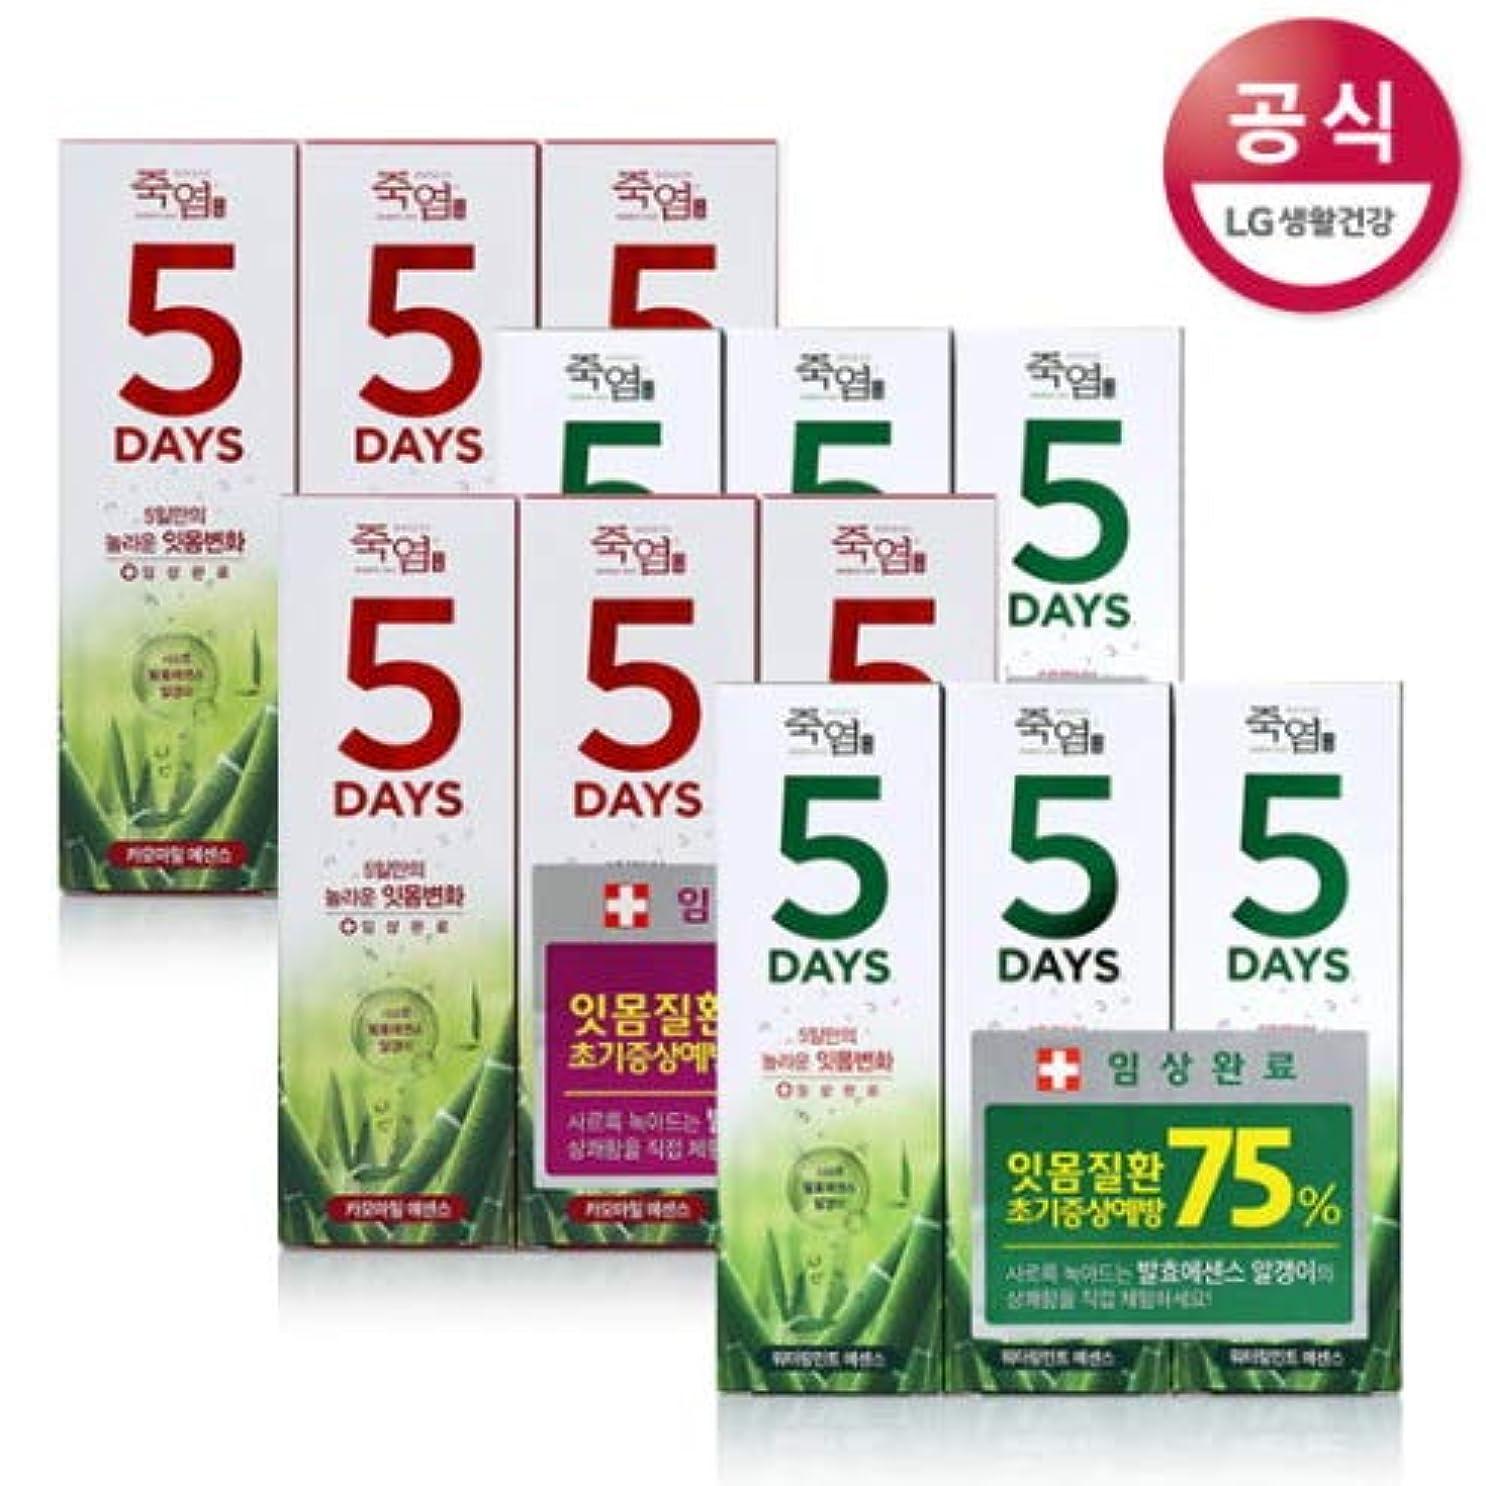 周囲図書館損傷[LG HnB] Bamboo Salt 5days Toothpaste /竹塩5days歯磨き粉 100gx12個(海外直送品)